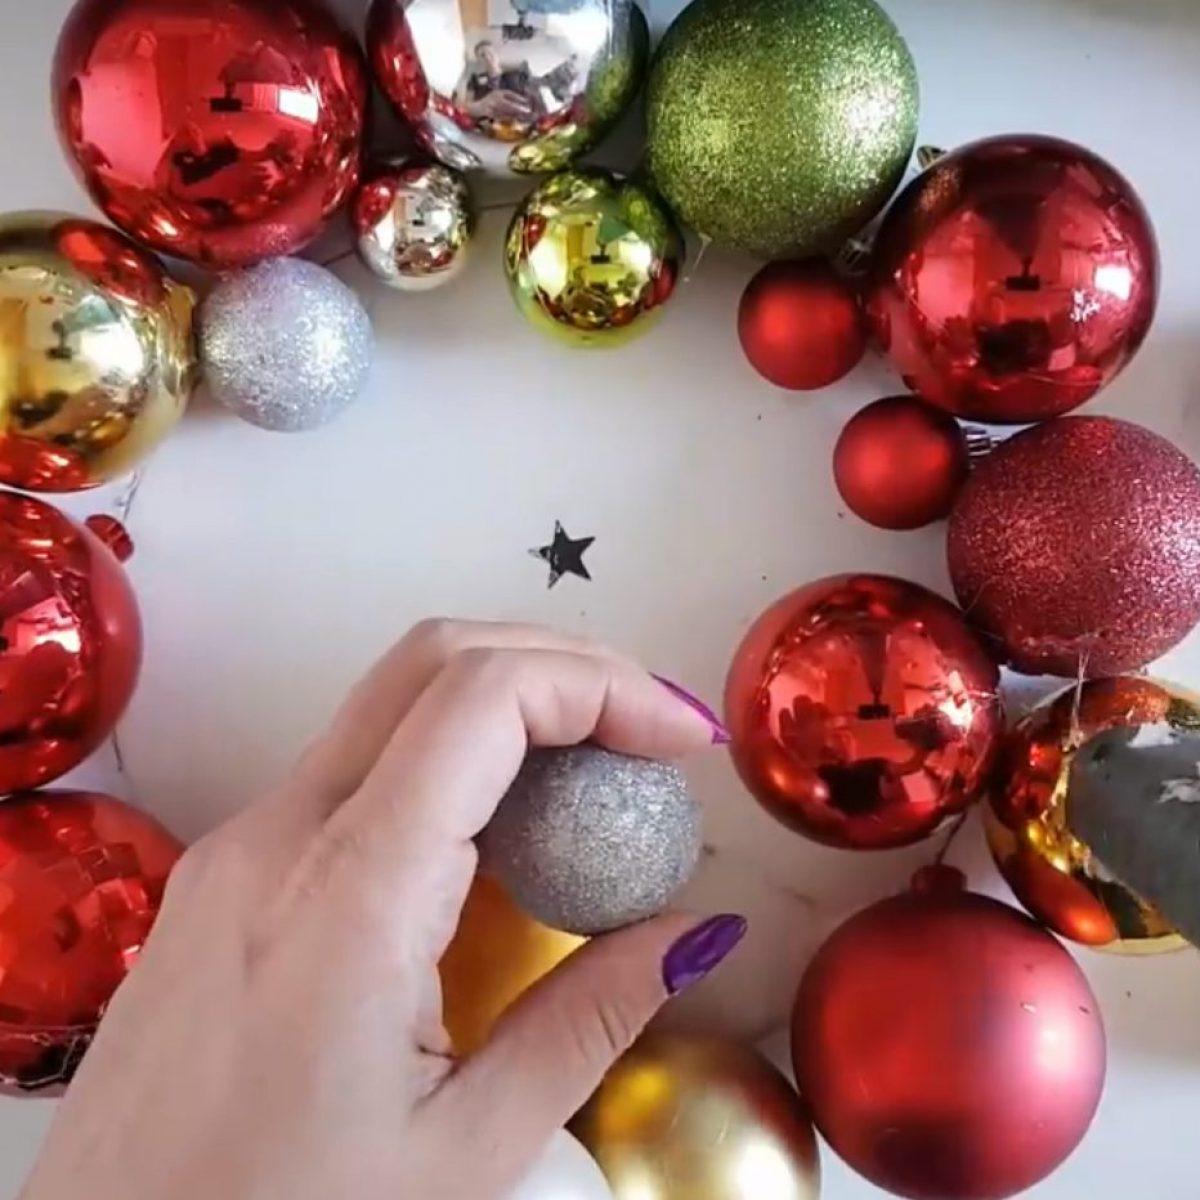 Idee Di Riciclo Per Natale come riutilizzare le palline di natale: l'idea di riciclo è bellissima